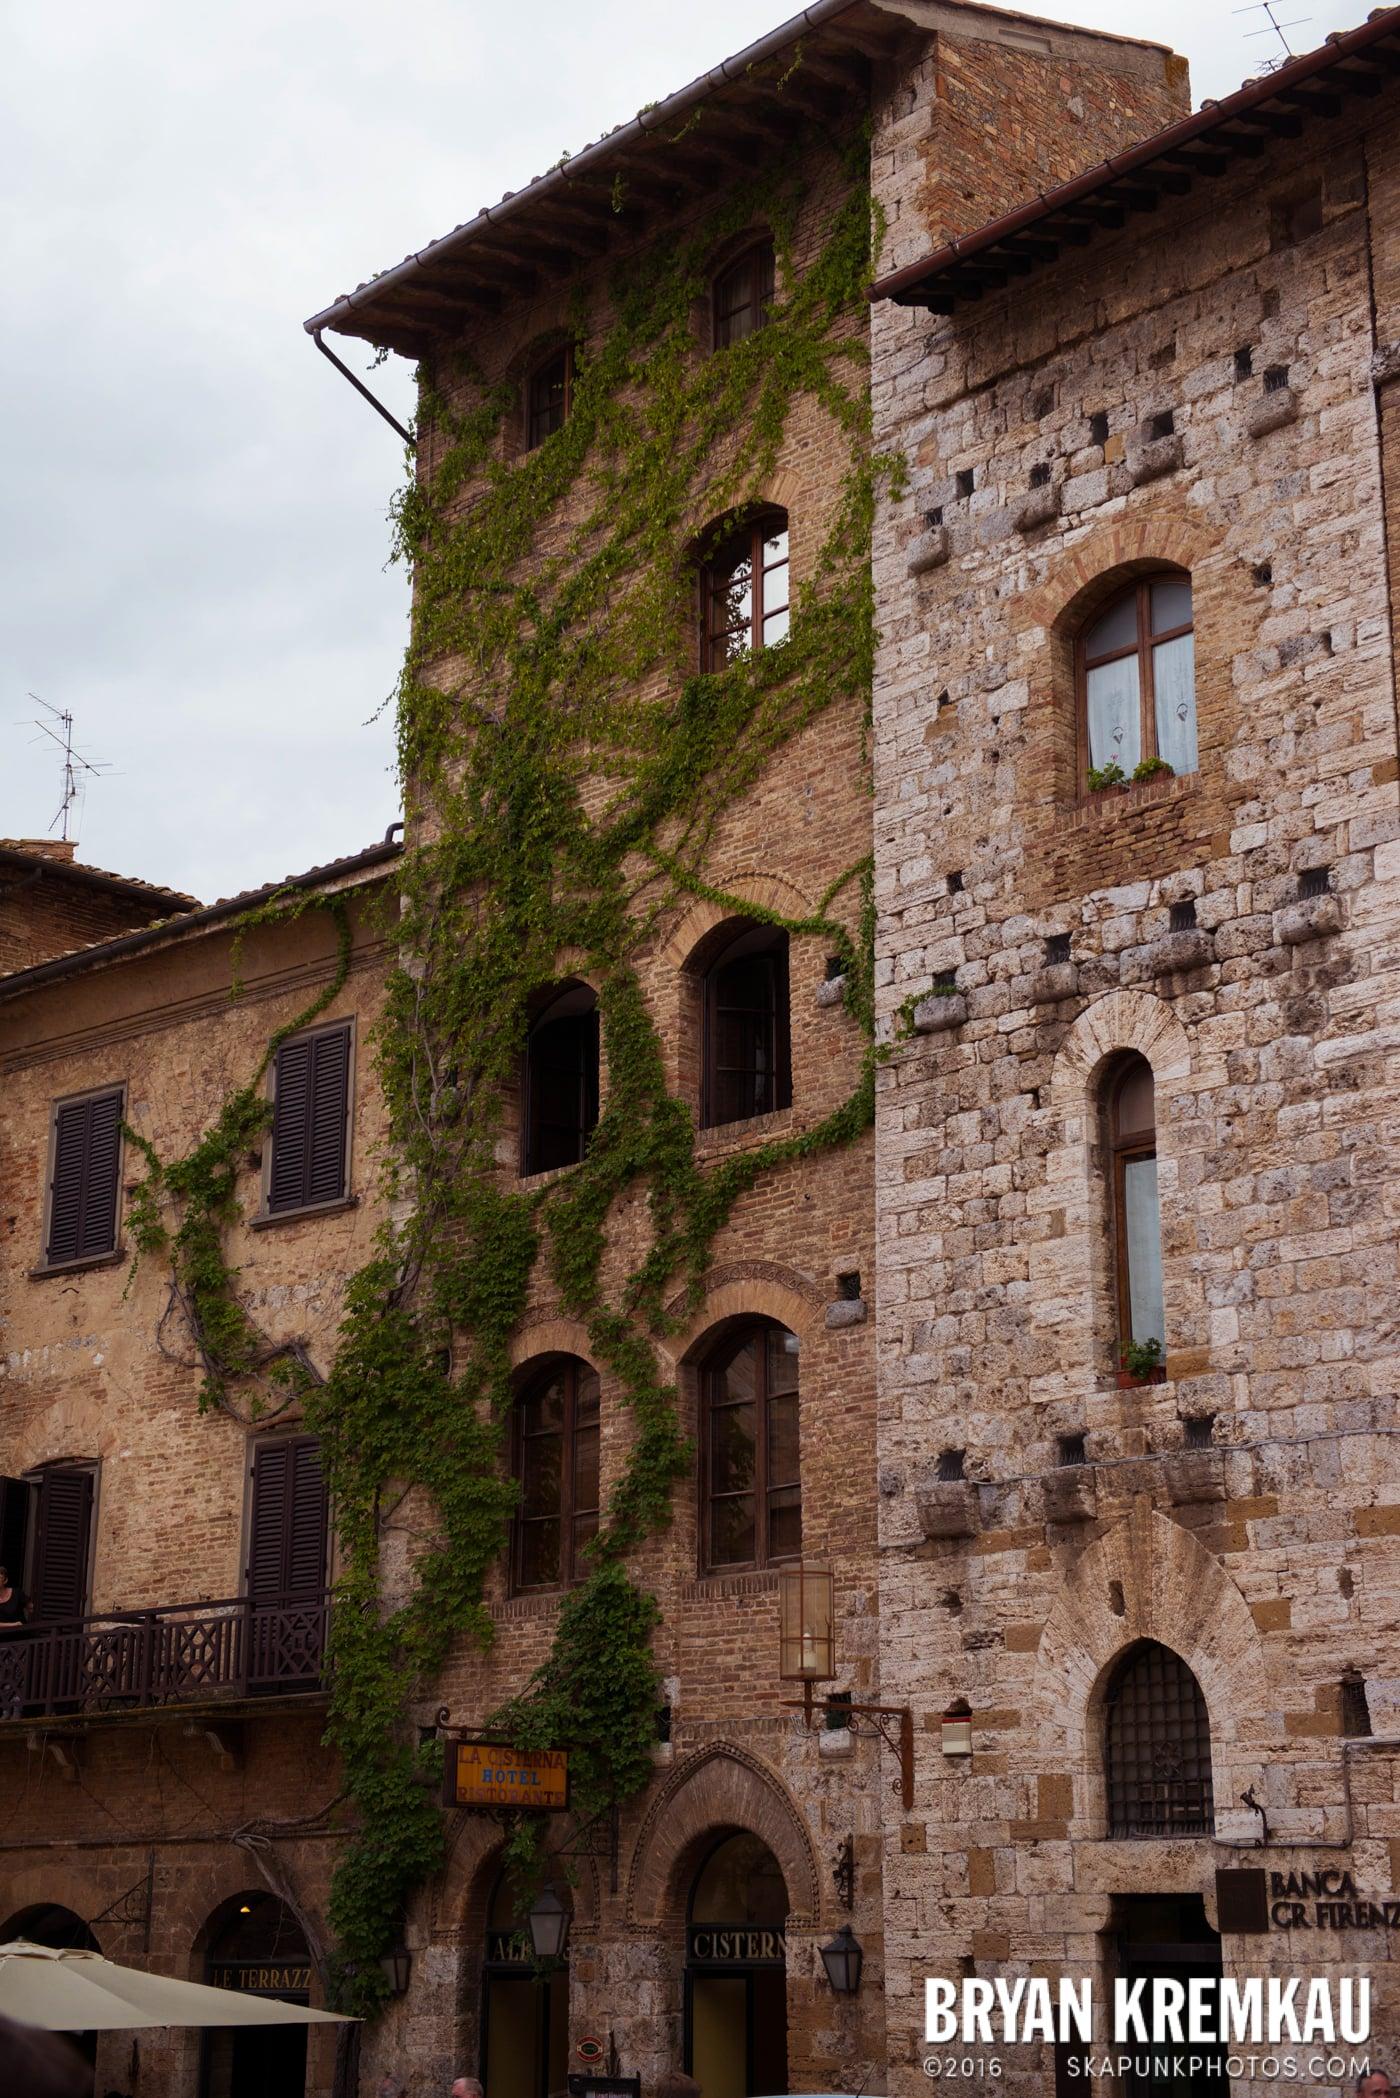 Italy Vacation - Day 8: Siena, San Gimignano, Chianti, Pisa - 9.16.13 (69)